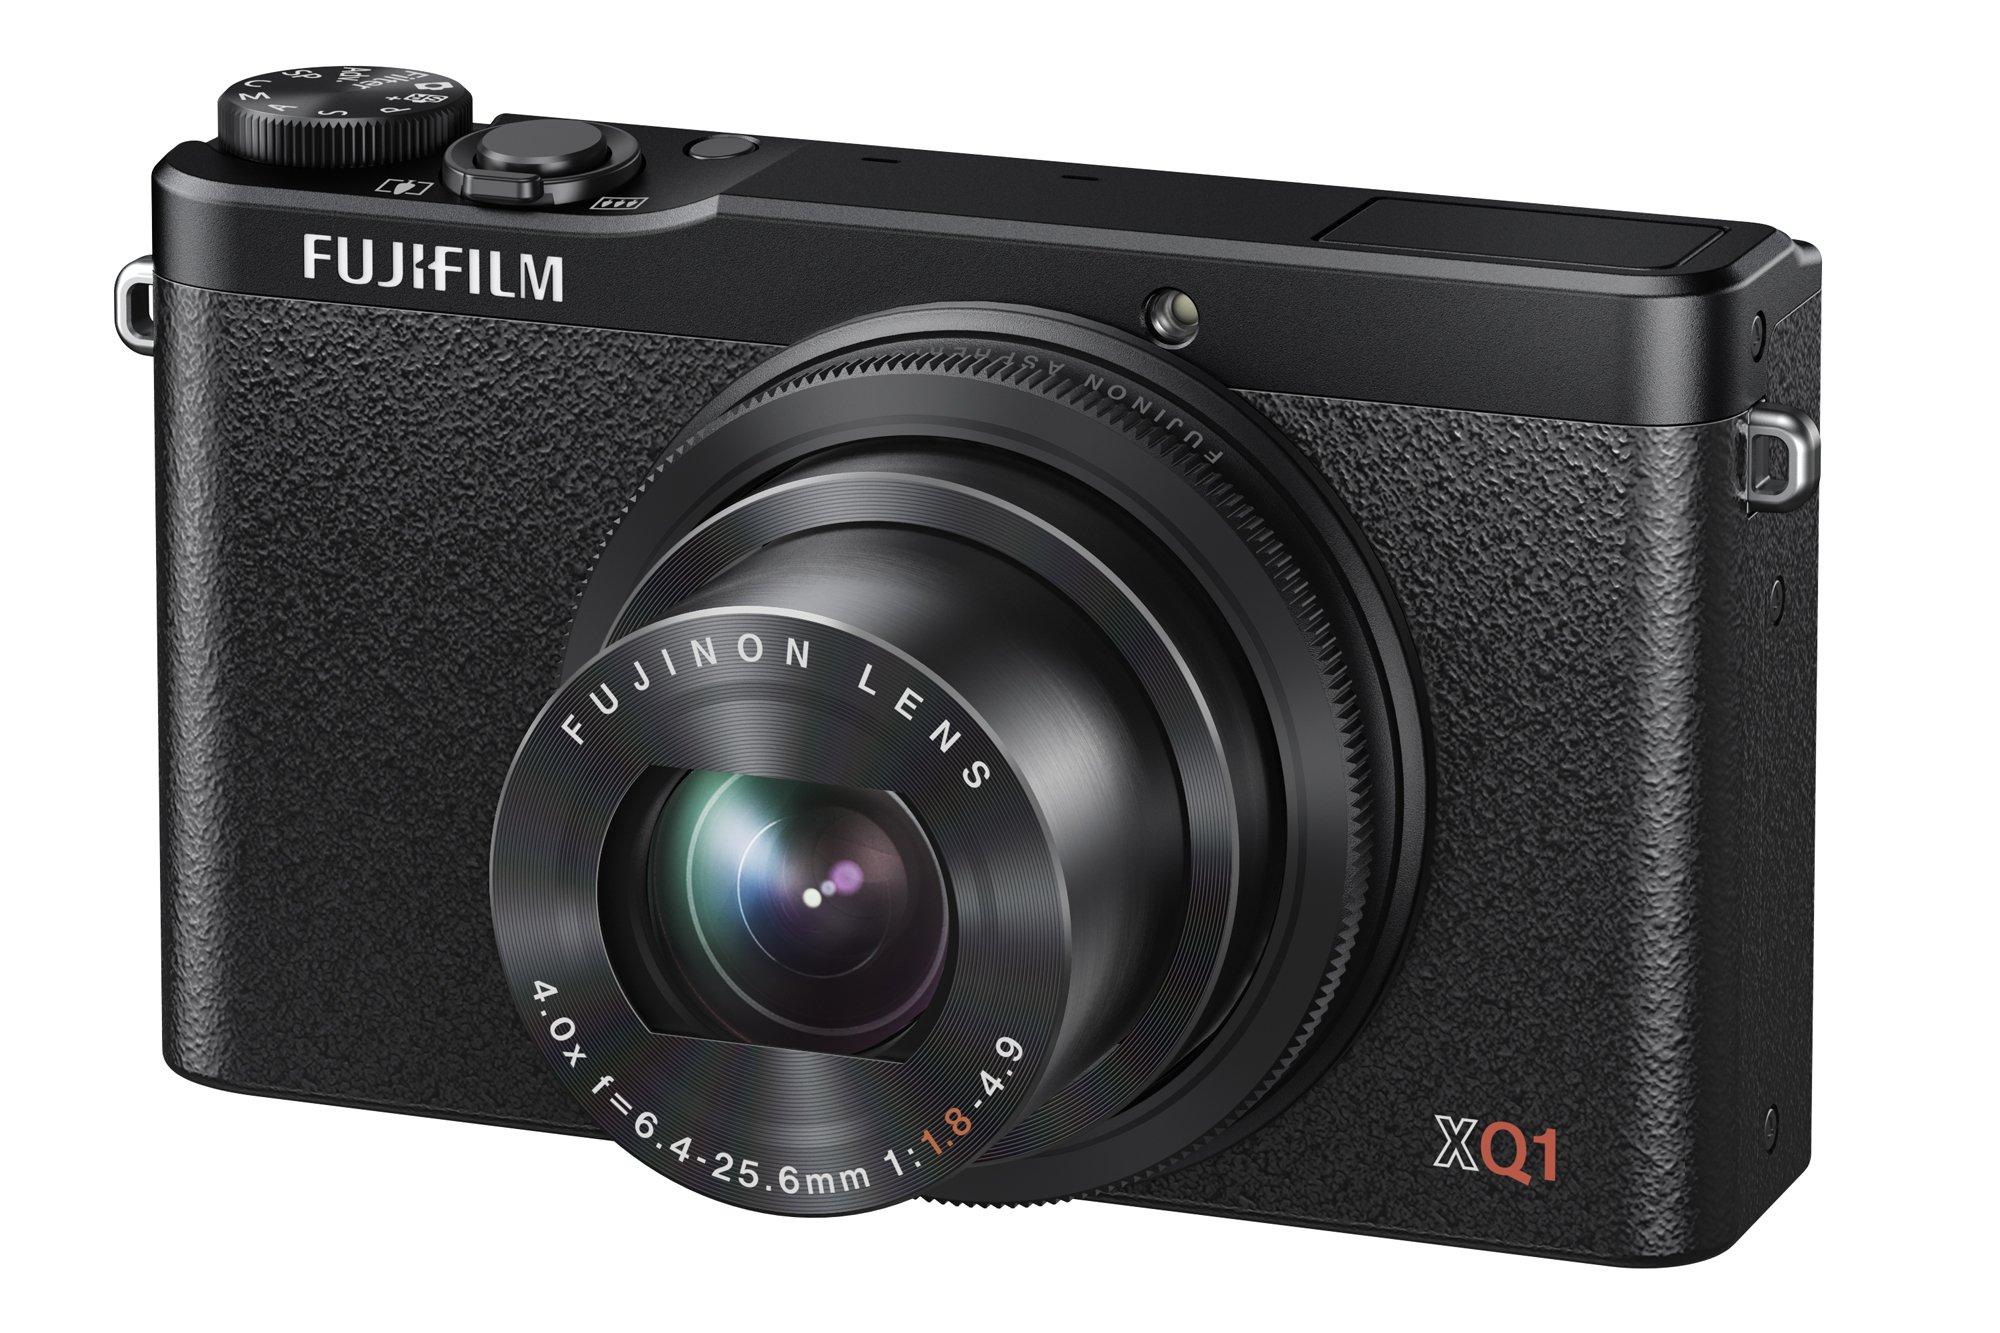 FUJIFILM プレミアムコンパクトデジタルカメラ XQ1 ブラック F FX-XQ1B